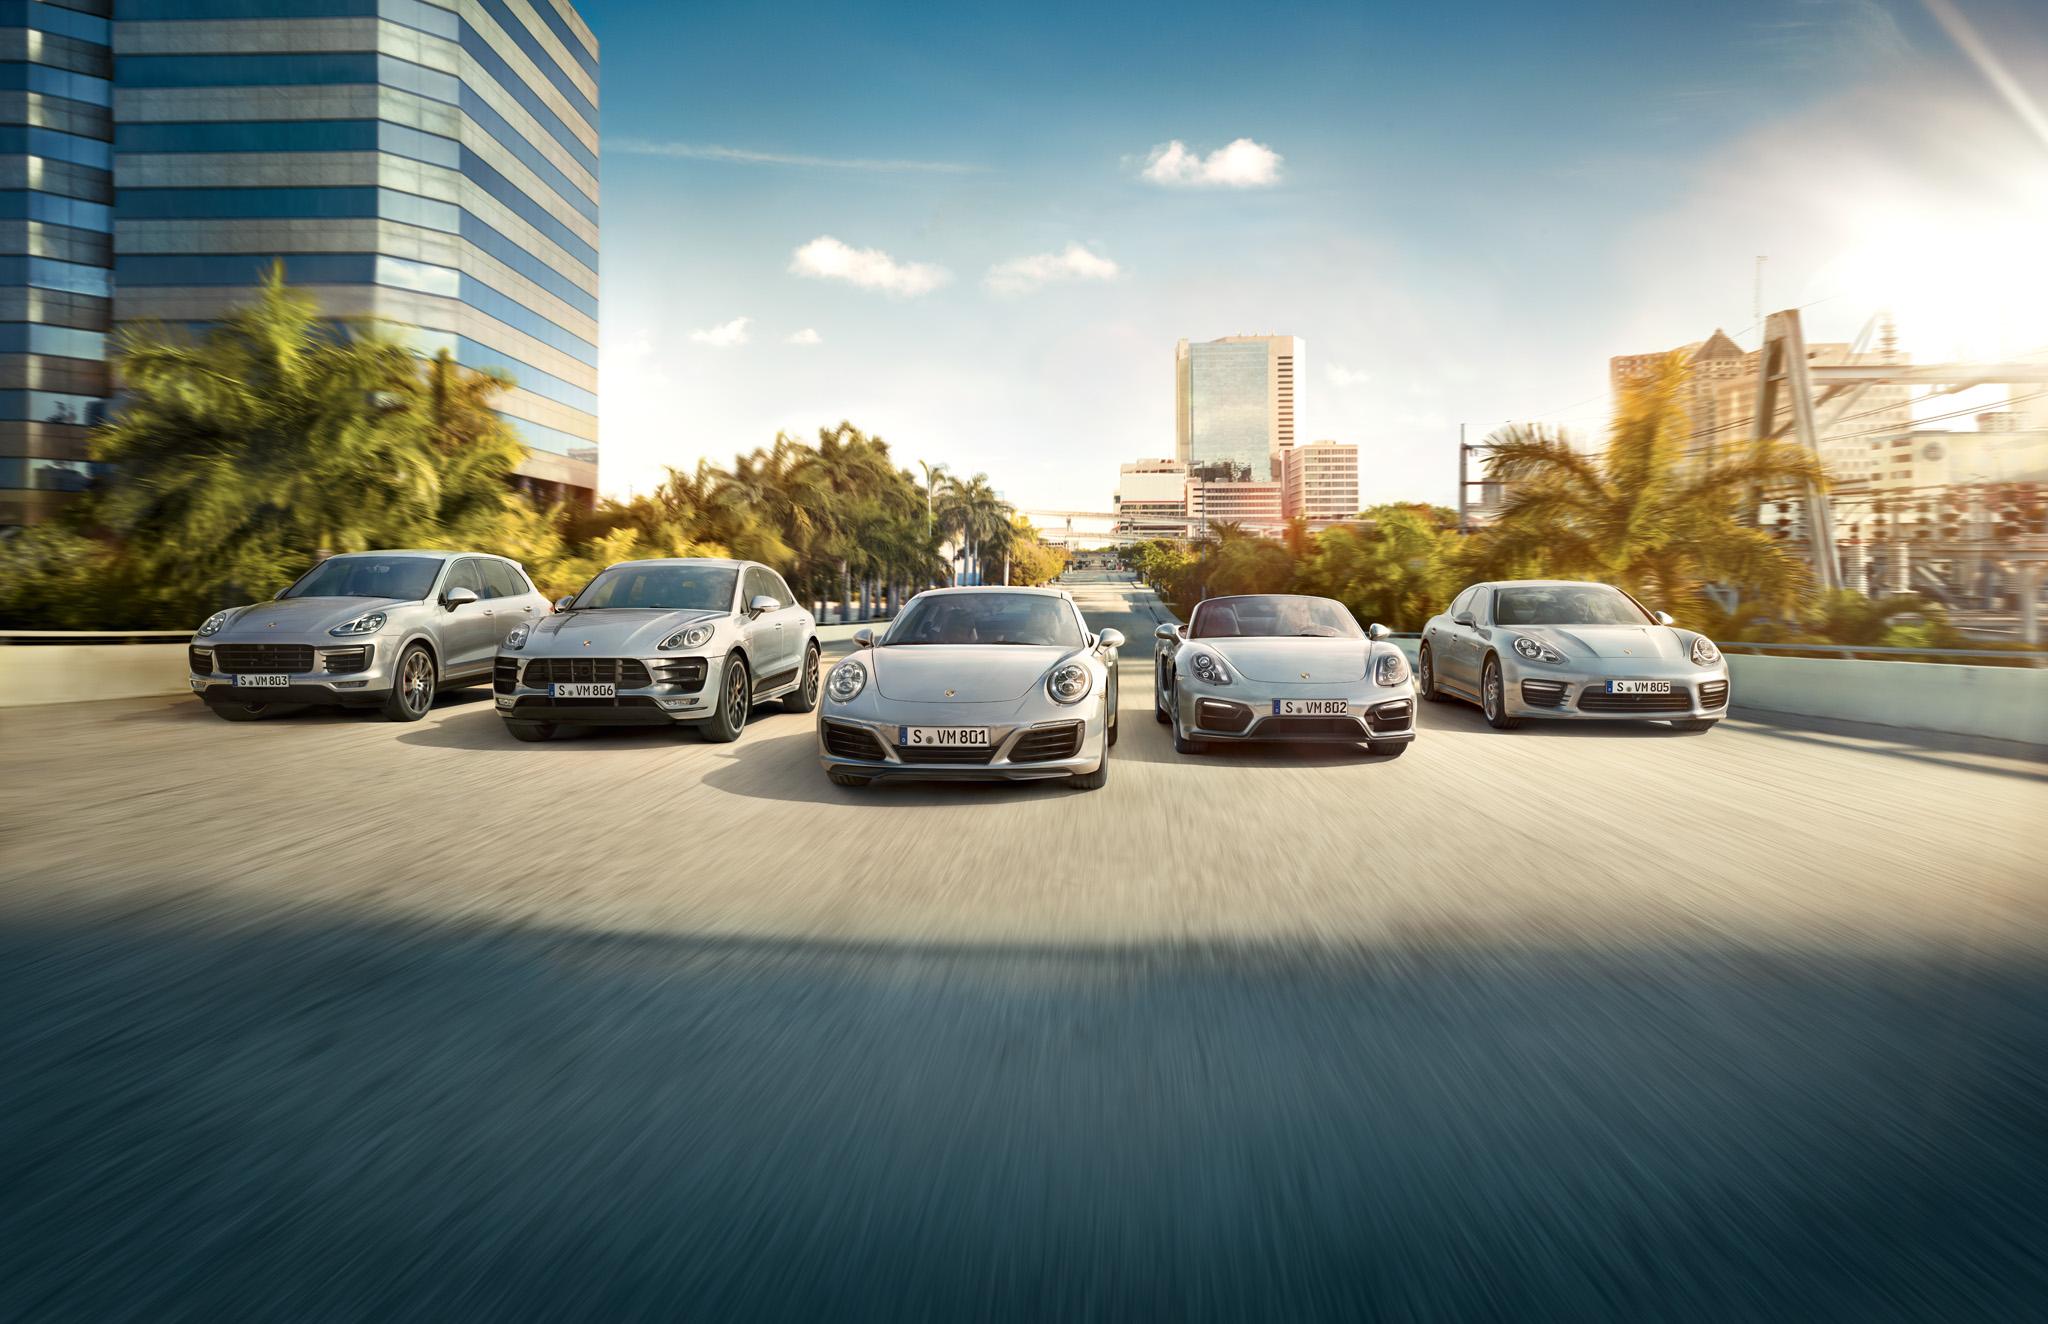 Porsche noyabr ayında yeni rekorda imza atıldı